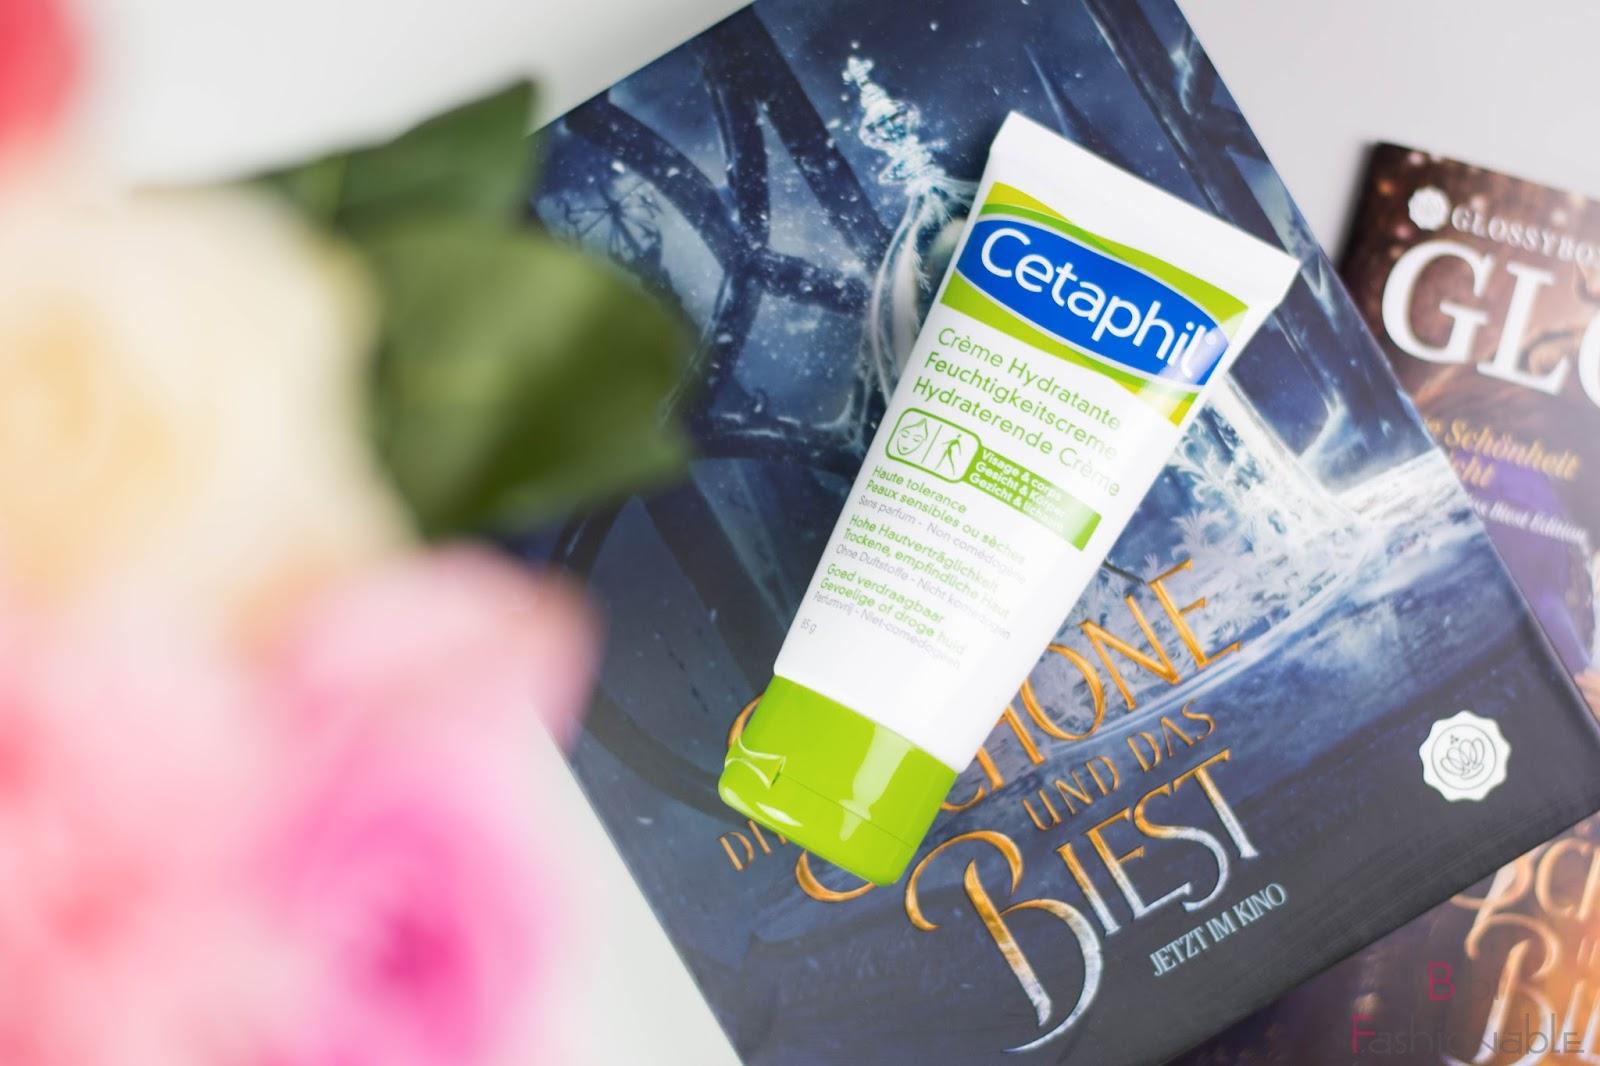 Unboxing Glossybox die Schöne und das Biest Cetaphil Feuchtigkeitscreme